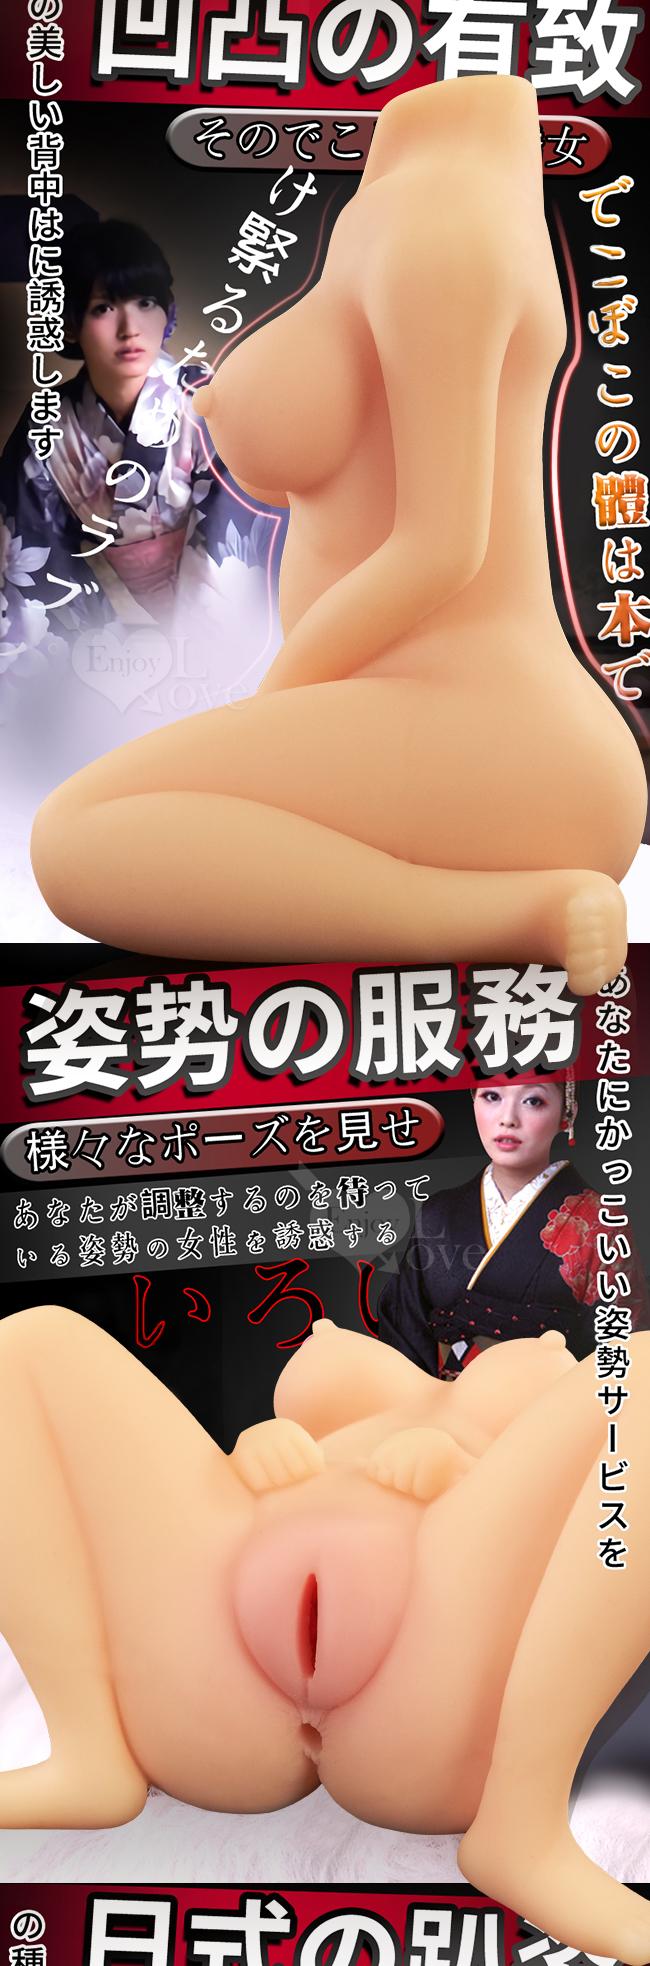 歐尼將 日式小人兒 - 逼真3D立體雙穴 ﹝比女人更有感﹞含200ml潤滑液